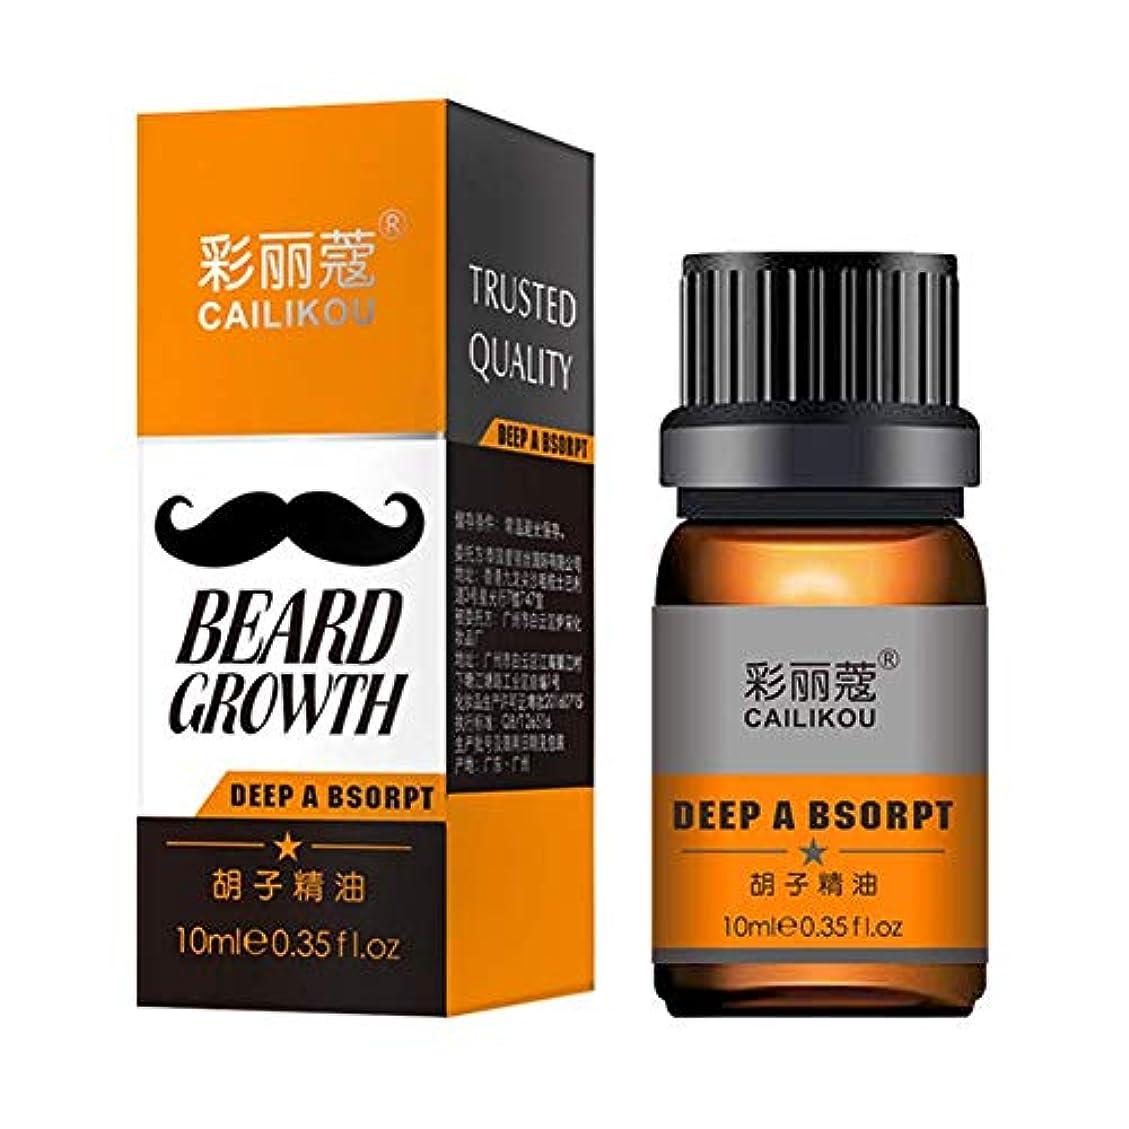 解説個人的な繁栄男性用ひげ成長エッセンシャルオイル-10種類の天然コンディショナー成分とオーガニックエッセンシャルオイルで作られています